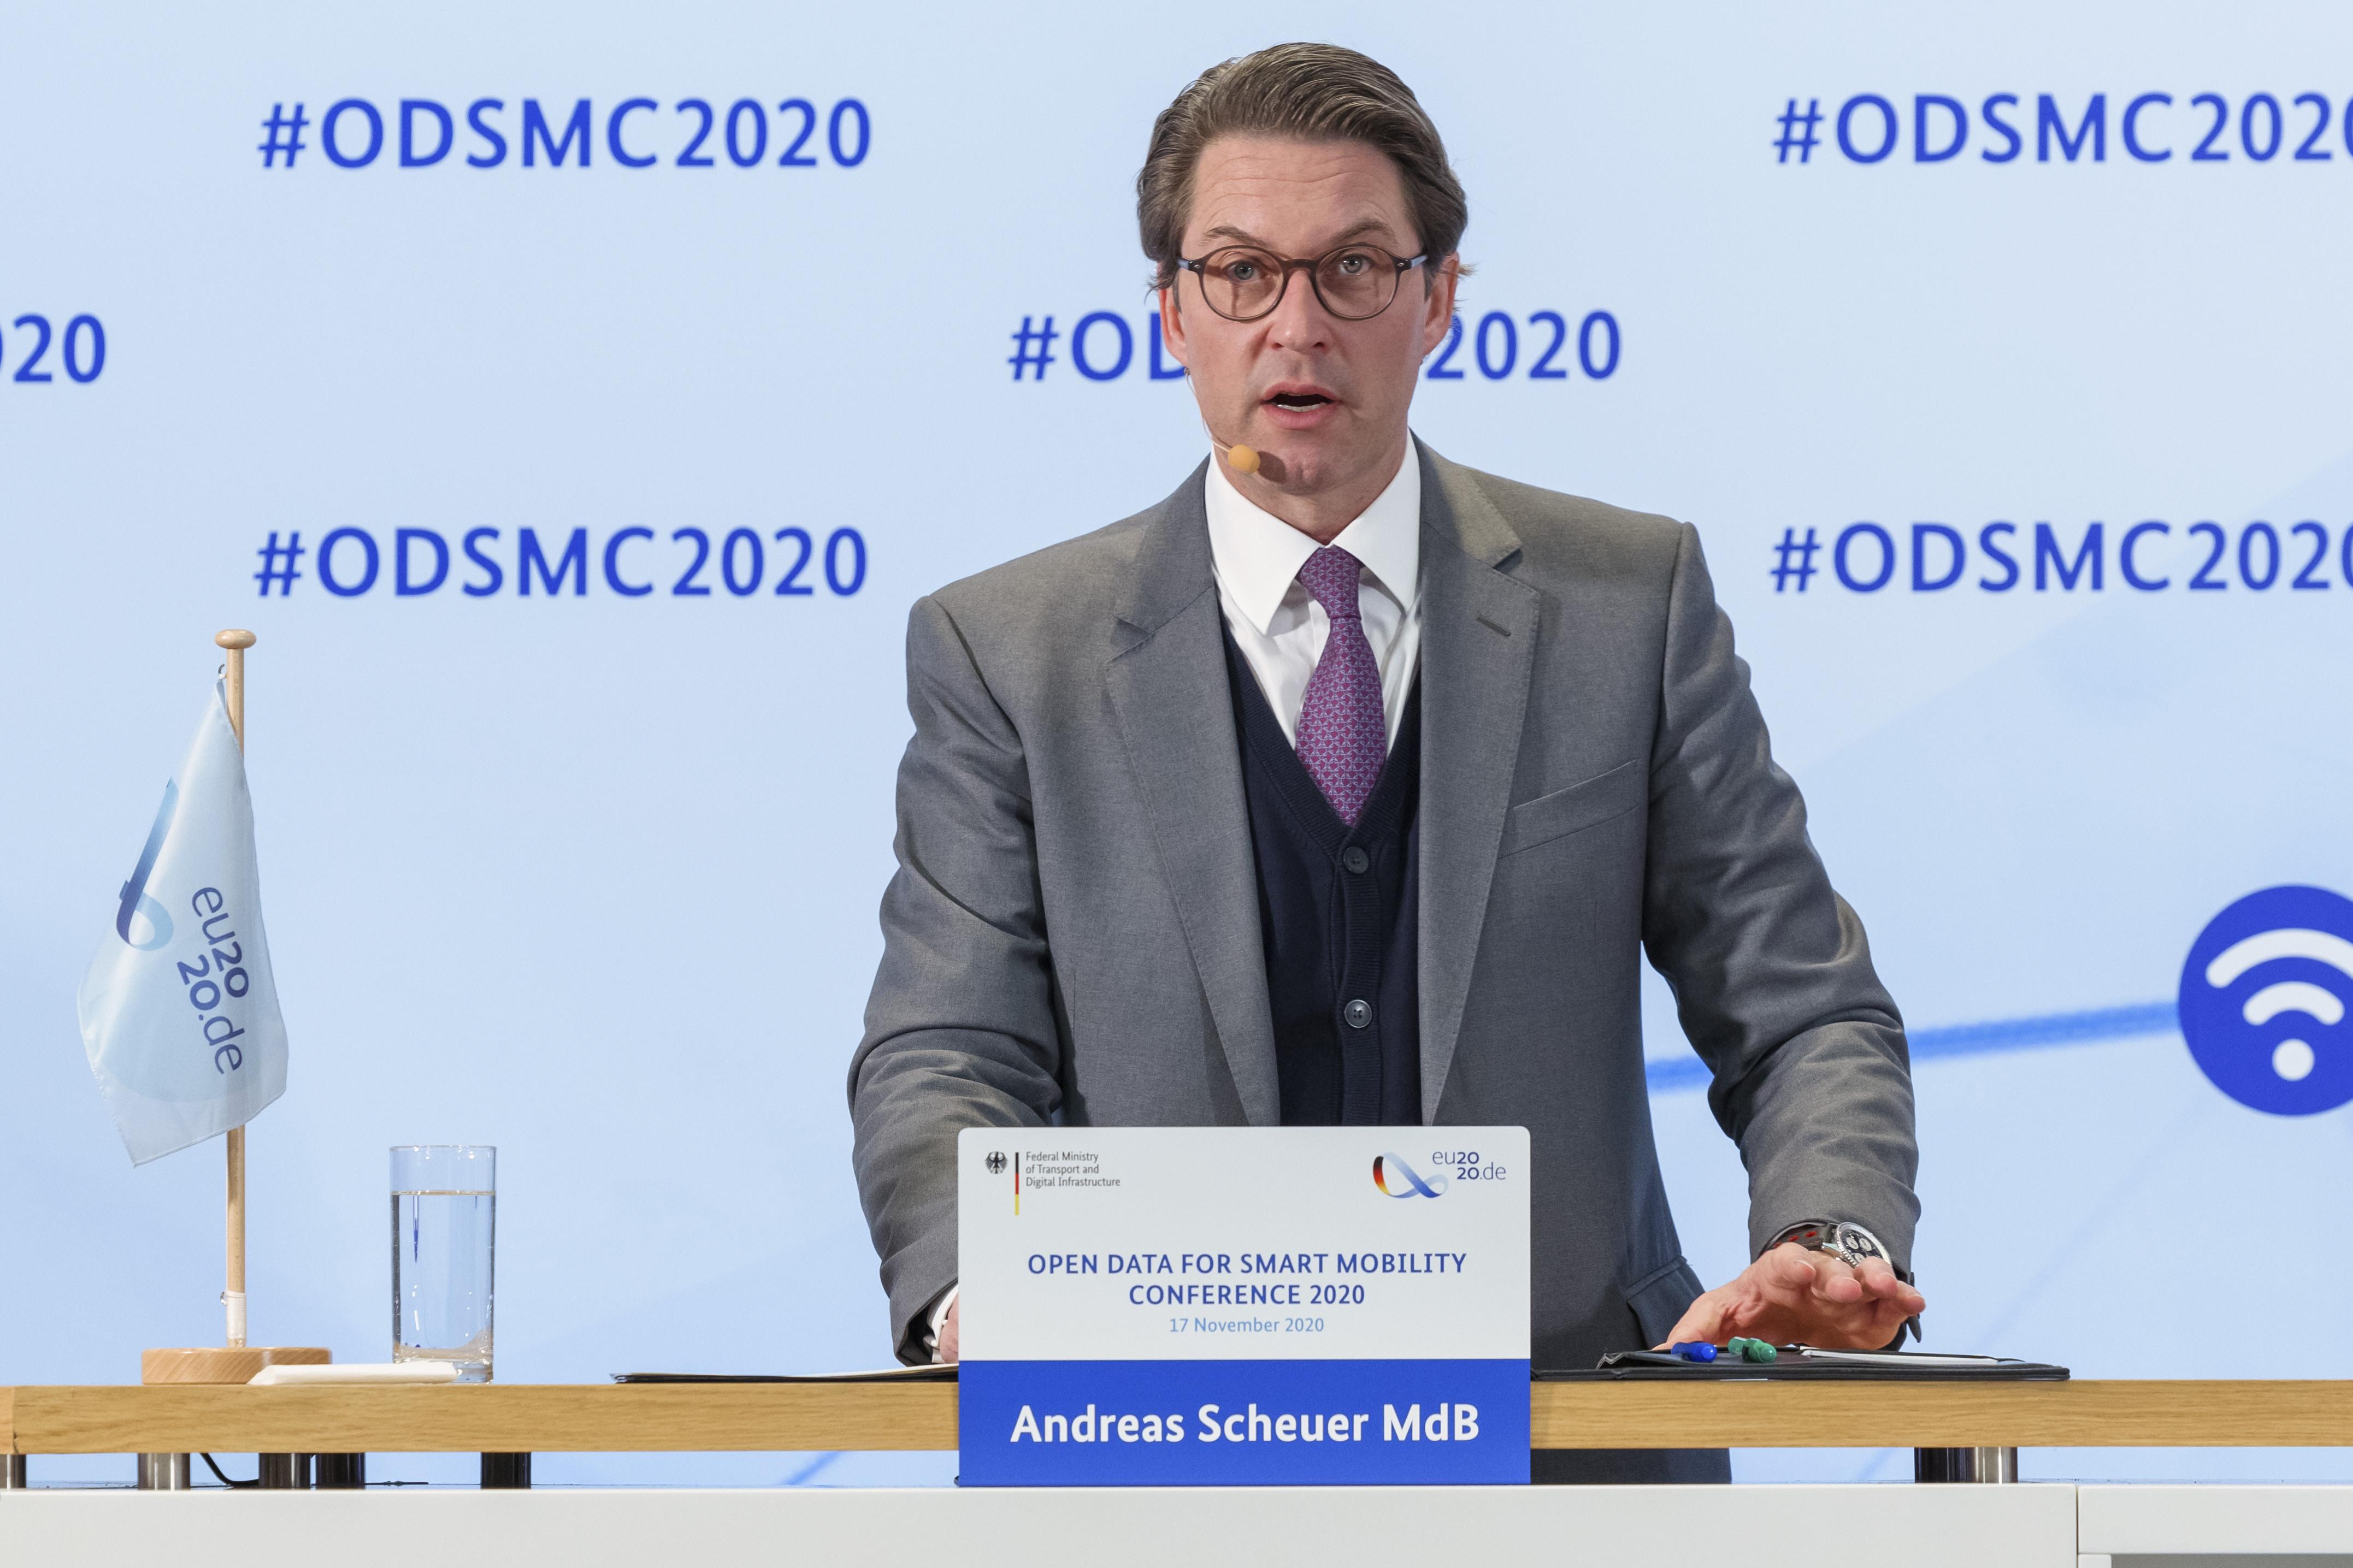 Bundesminister Andreas Scheuer bei seiner Eröffnungsrede zur ODSMC